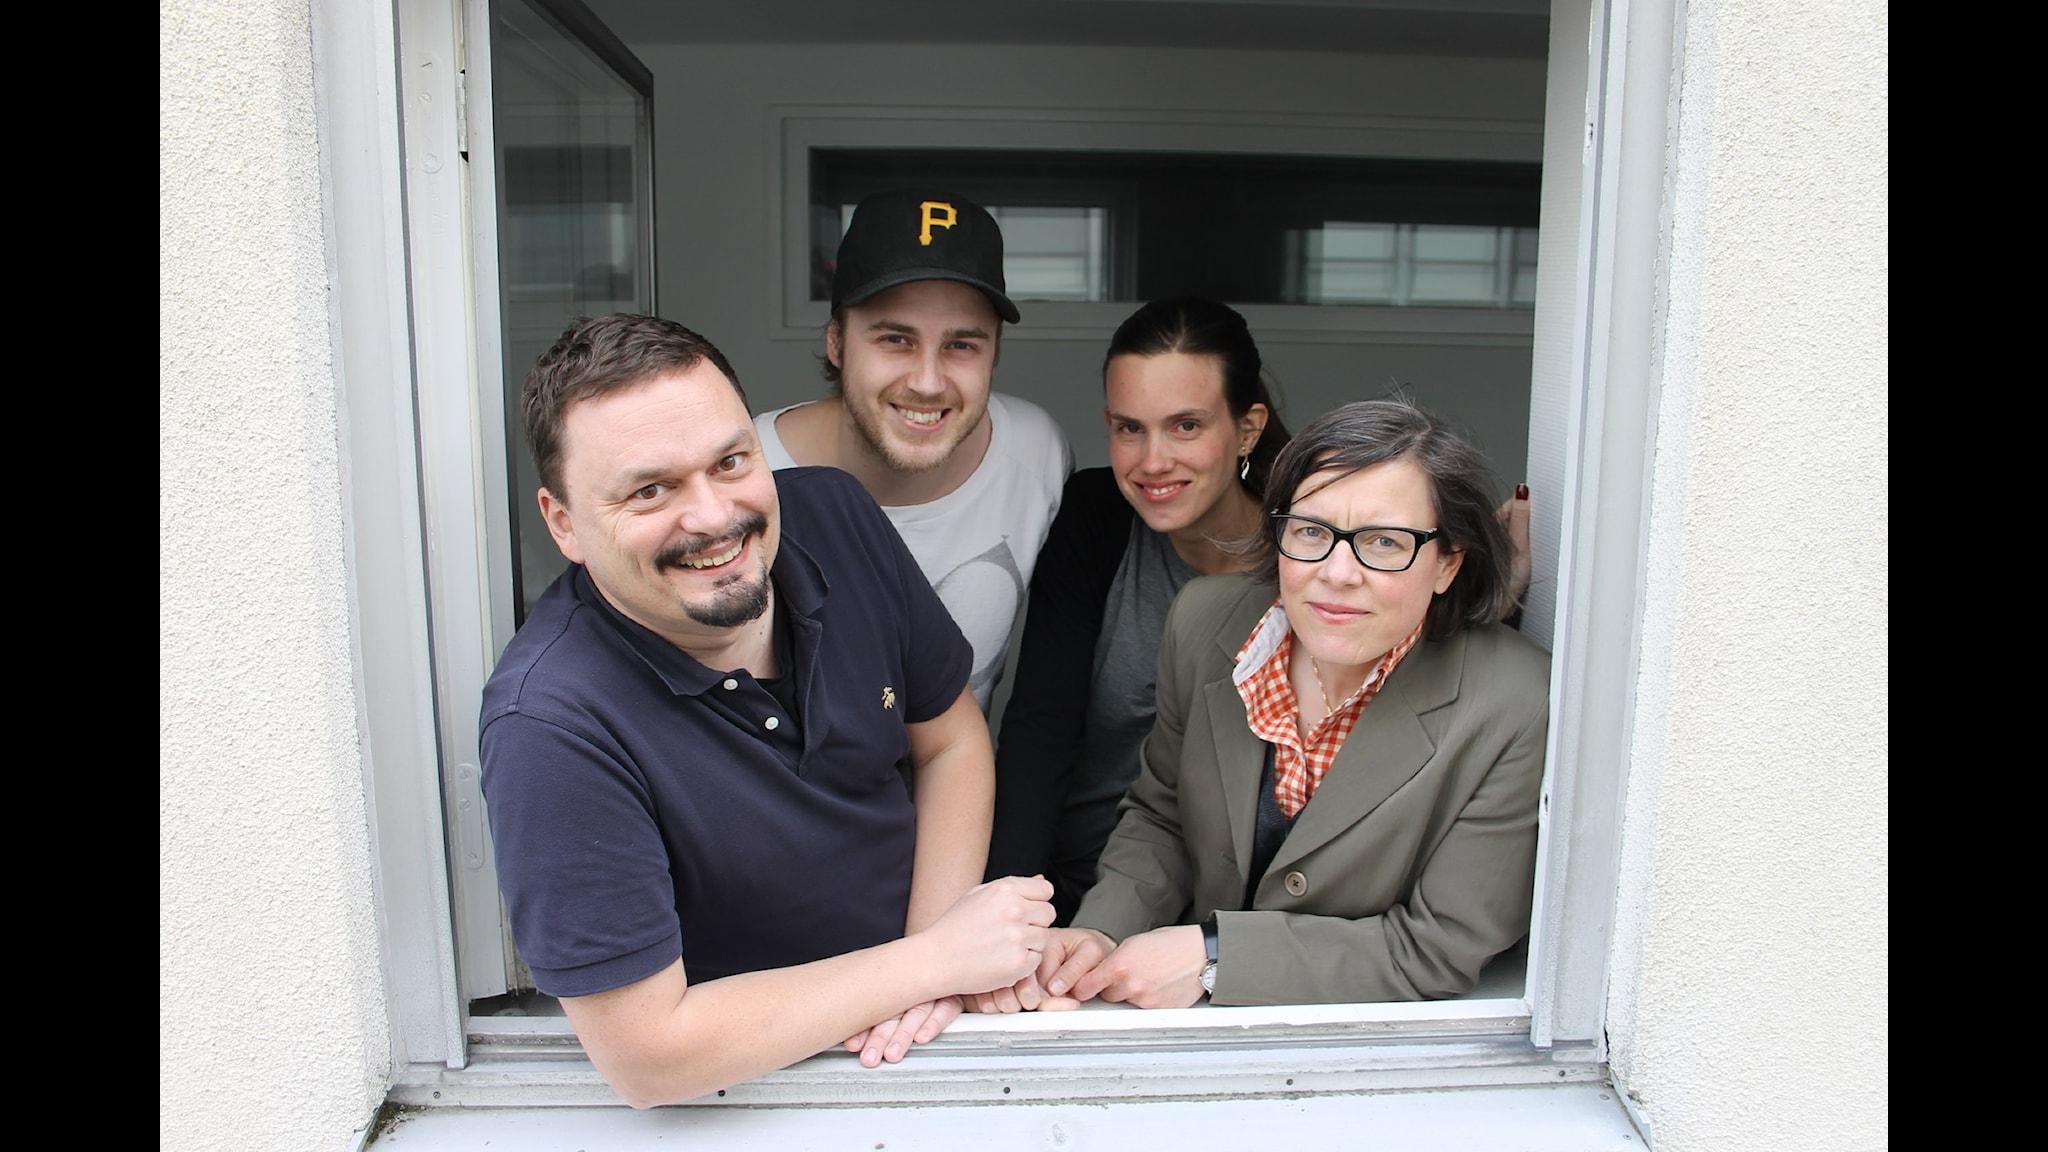 Författaren Lena Andersson, bandet Bottoms, tv-dokun Citizenfour, filmen Mästerskapet, boken Hausfrau och tv-serien Inside Amy Schumer